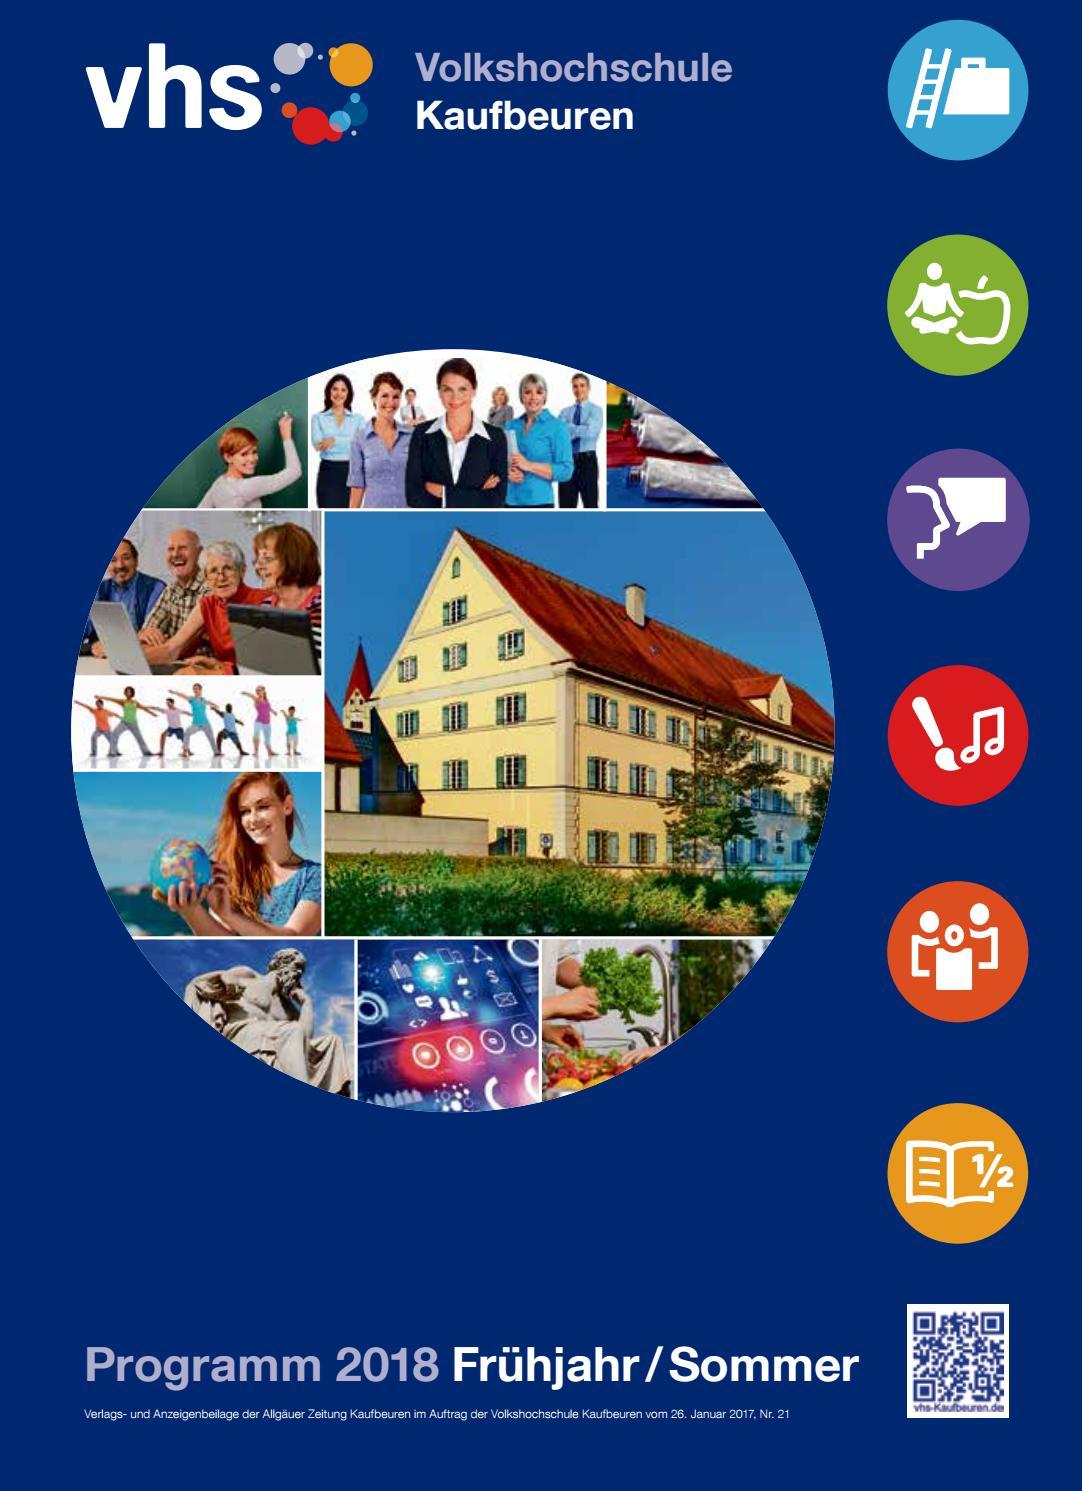 Programmheft fruehjahr sommer 2018 vhs kaufbeuren by Volkshochschule  Kaufbeuren e. V. - issuu